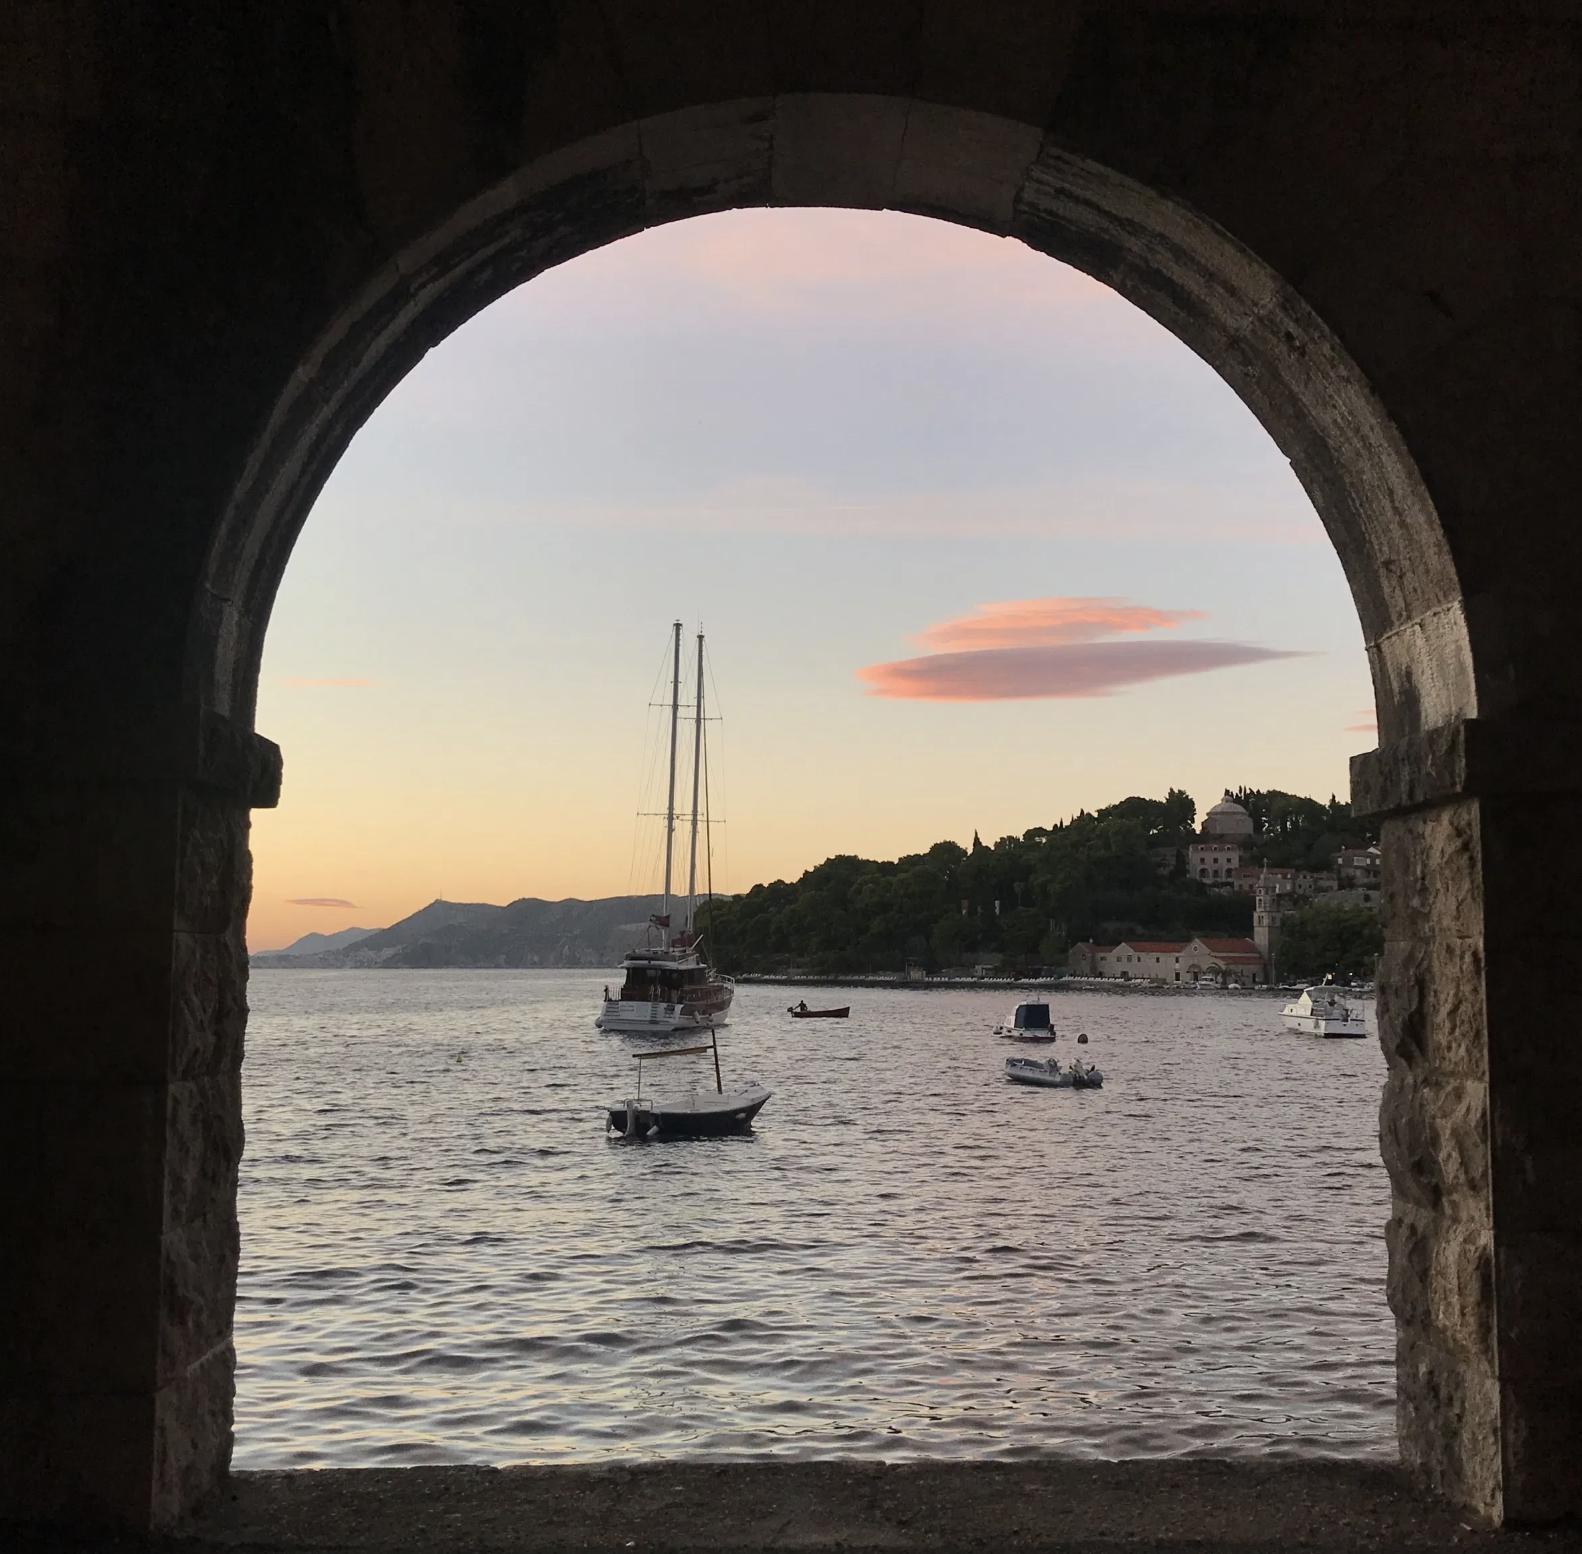 Golden hour in Cavtat, Croatia